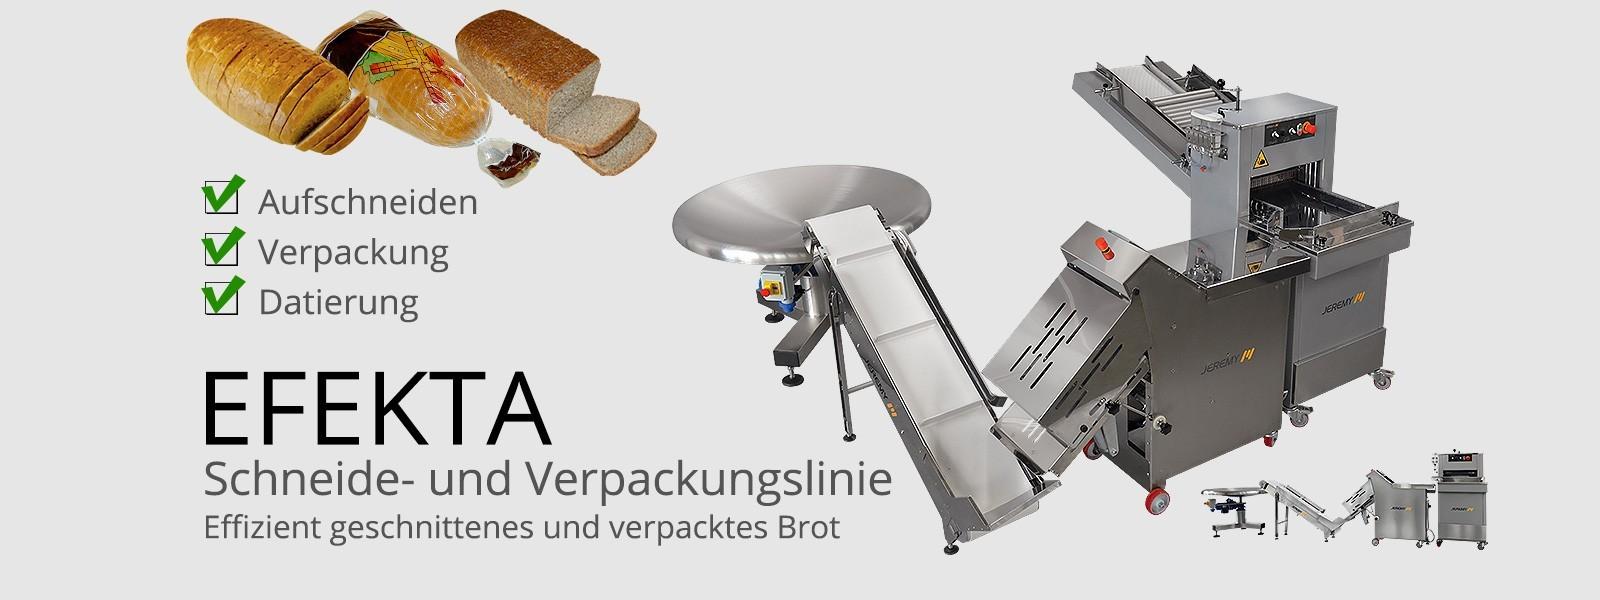 Schneide- und Verpackungslinie EFEKTA